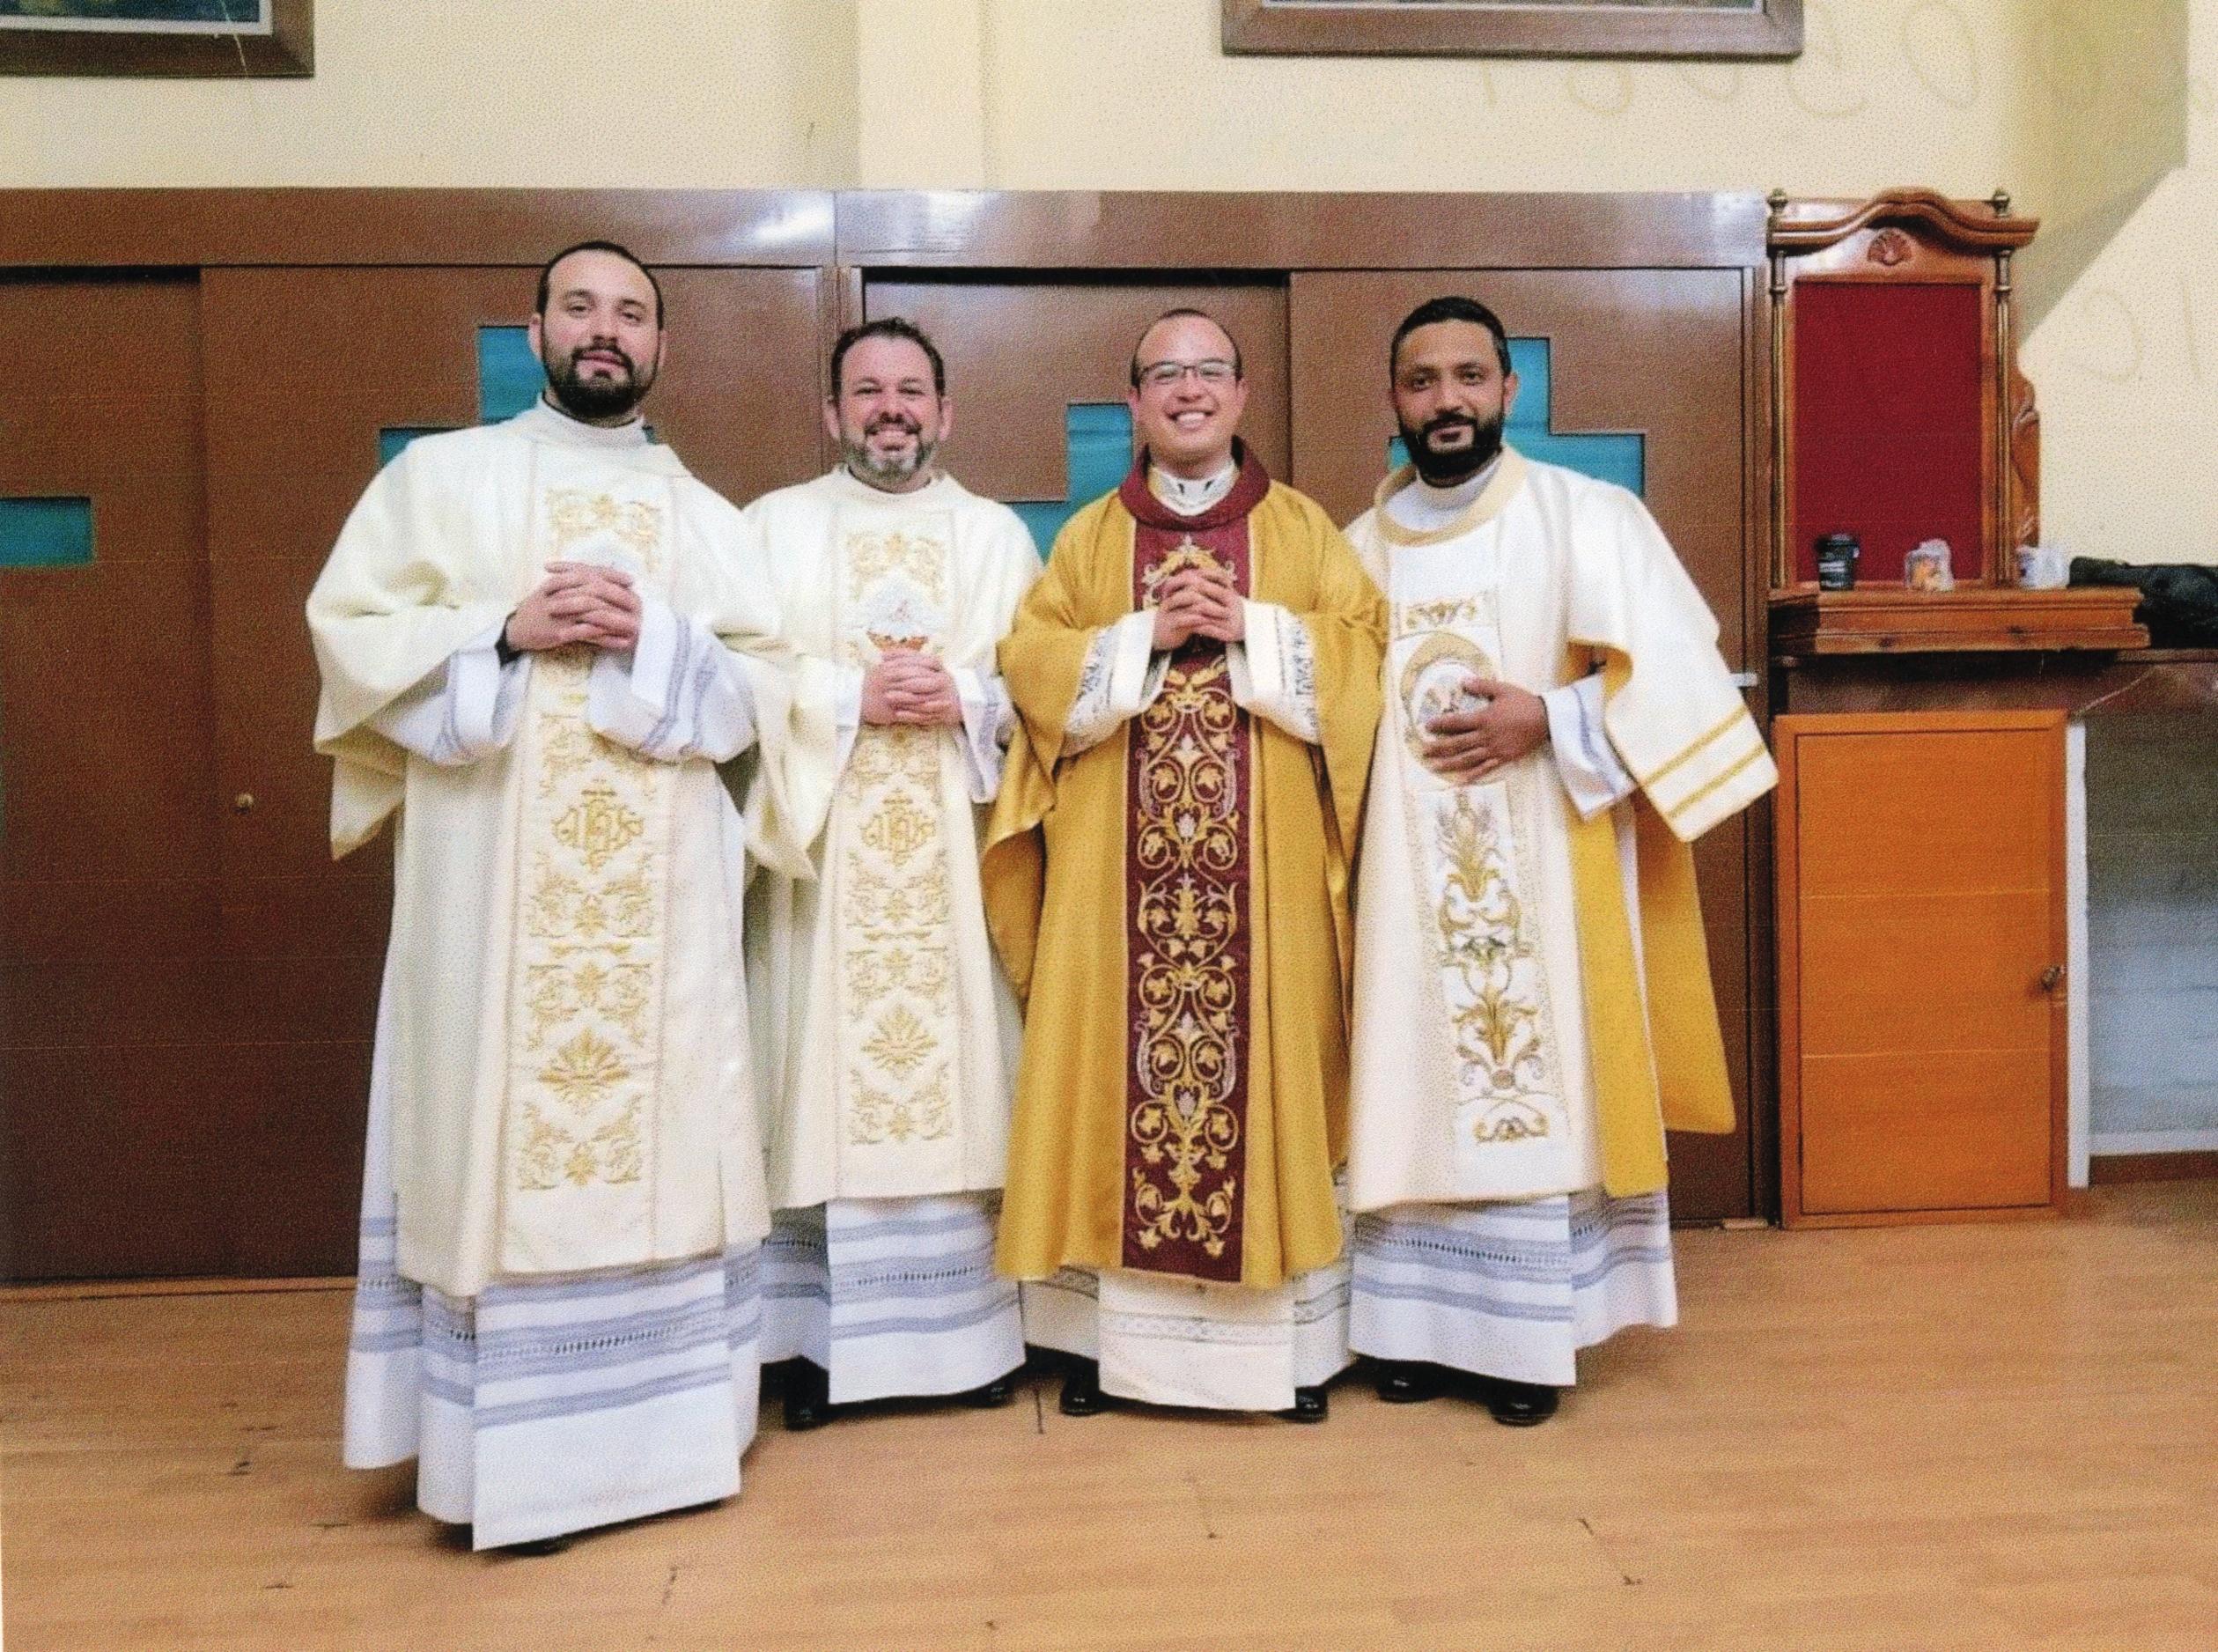 México: Formación para futuros sacerdotes